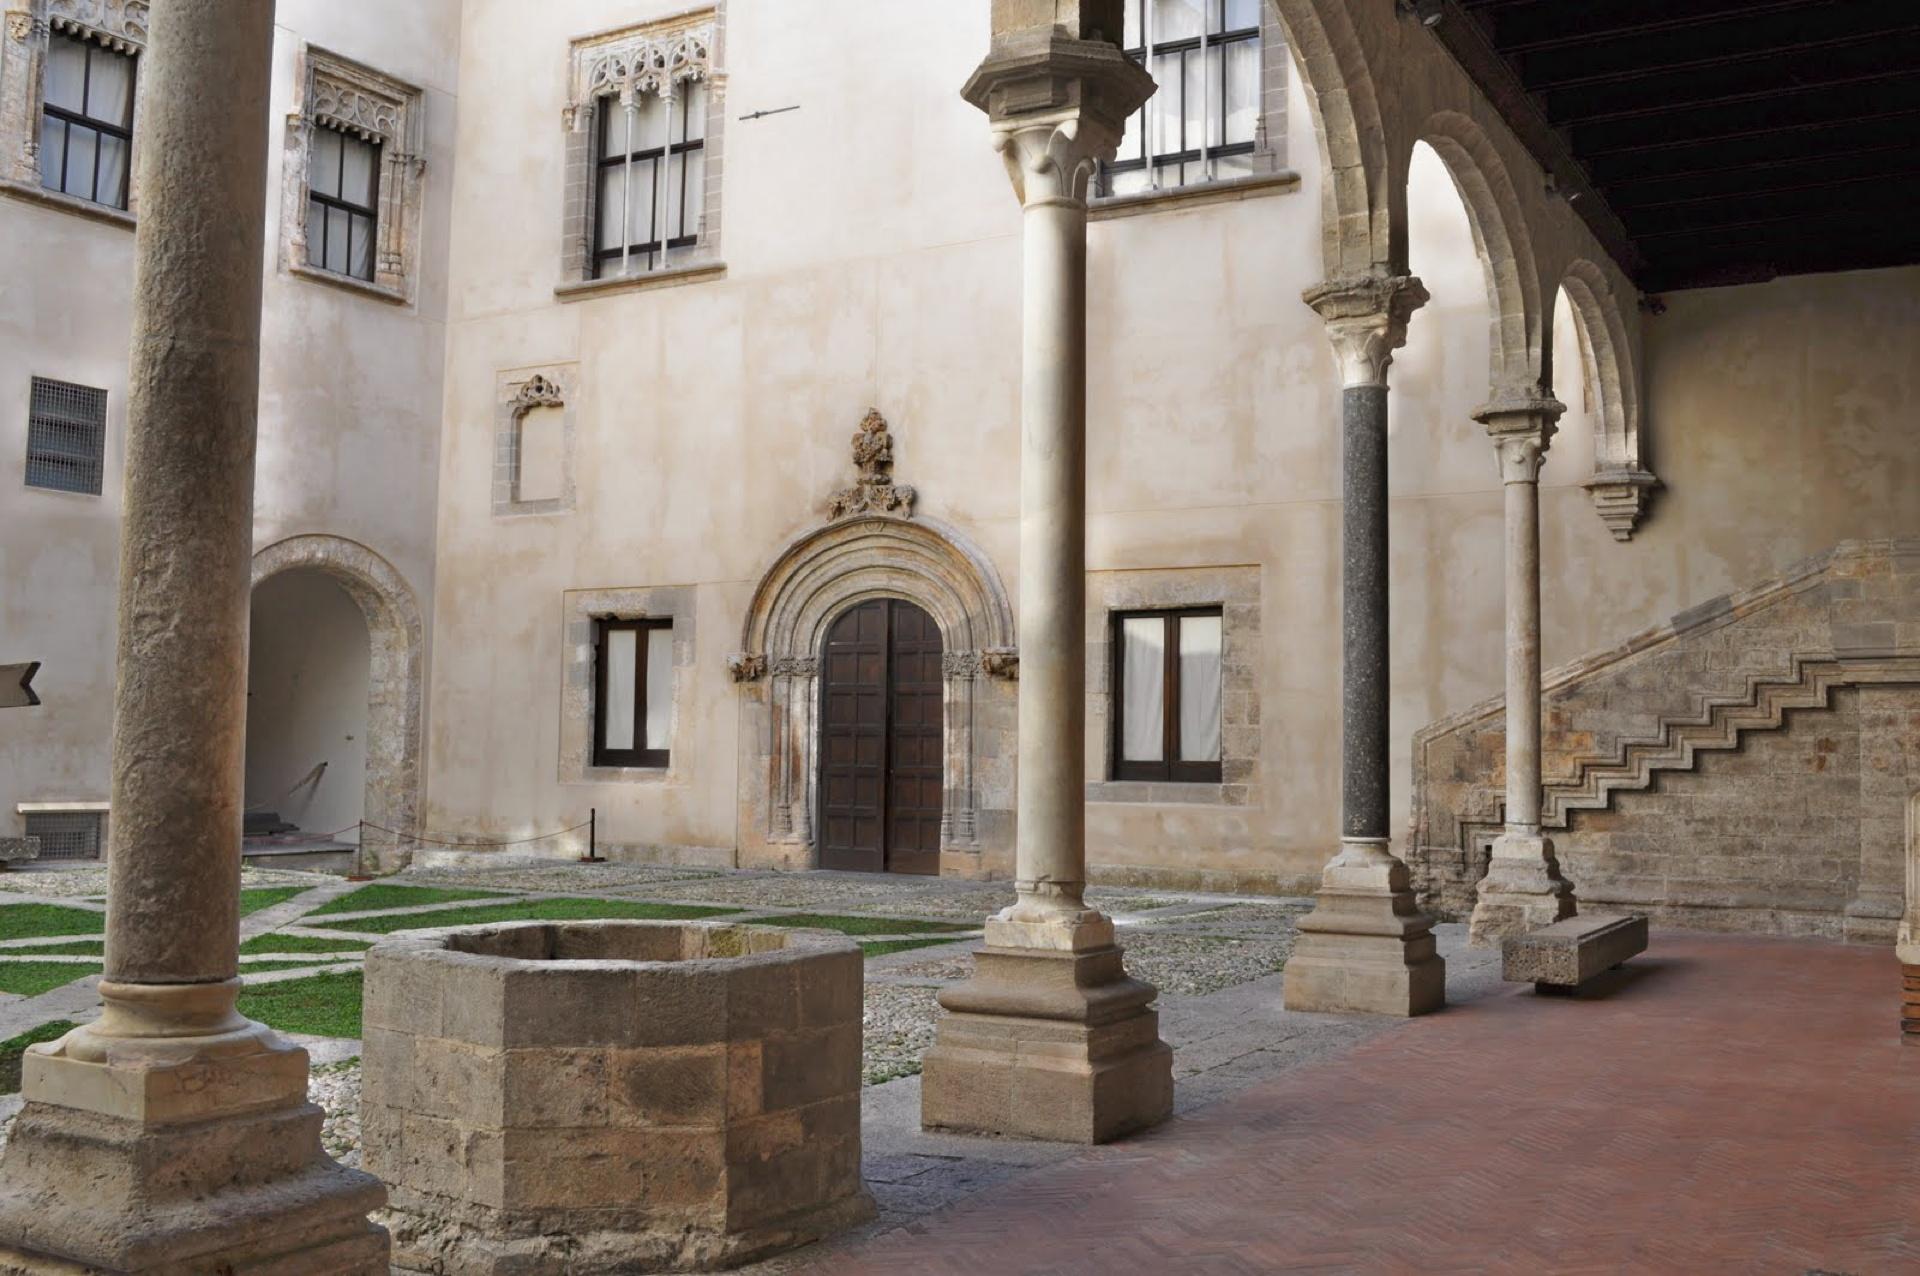 Palermo ciudad de sinergia entre arte y arquitectura